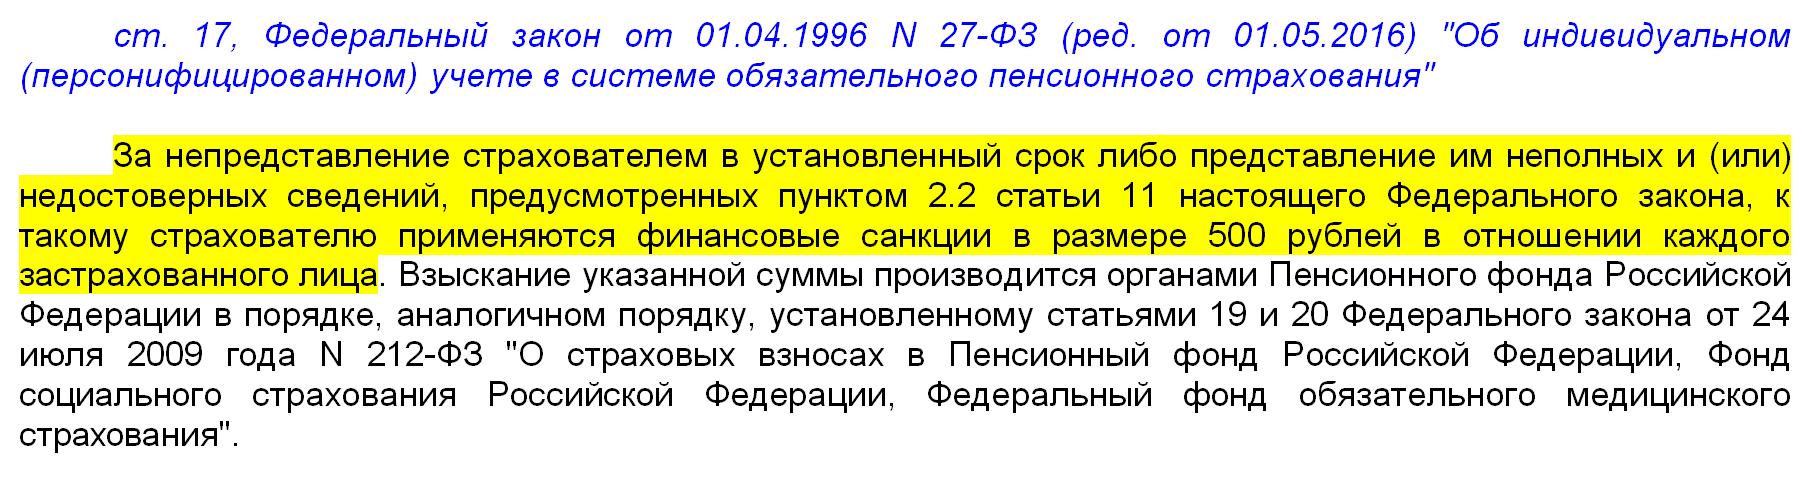 штраф за СЗВ-М